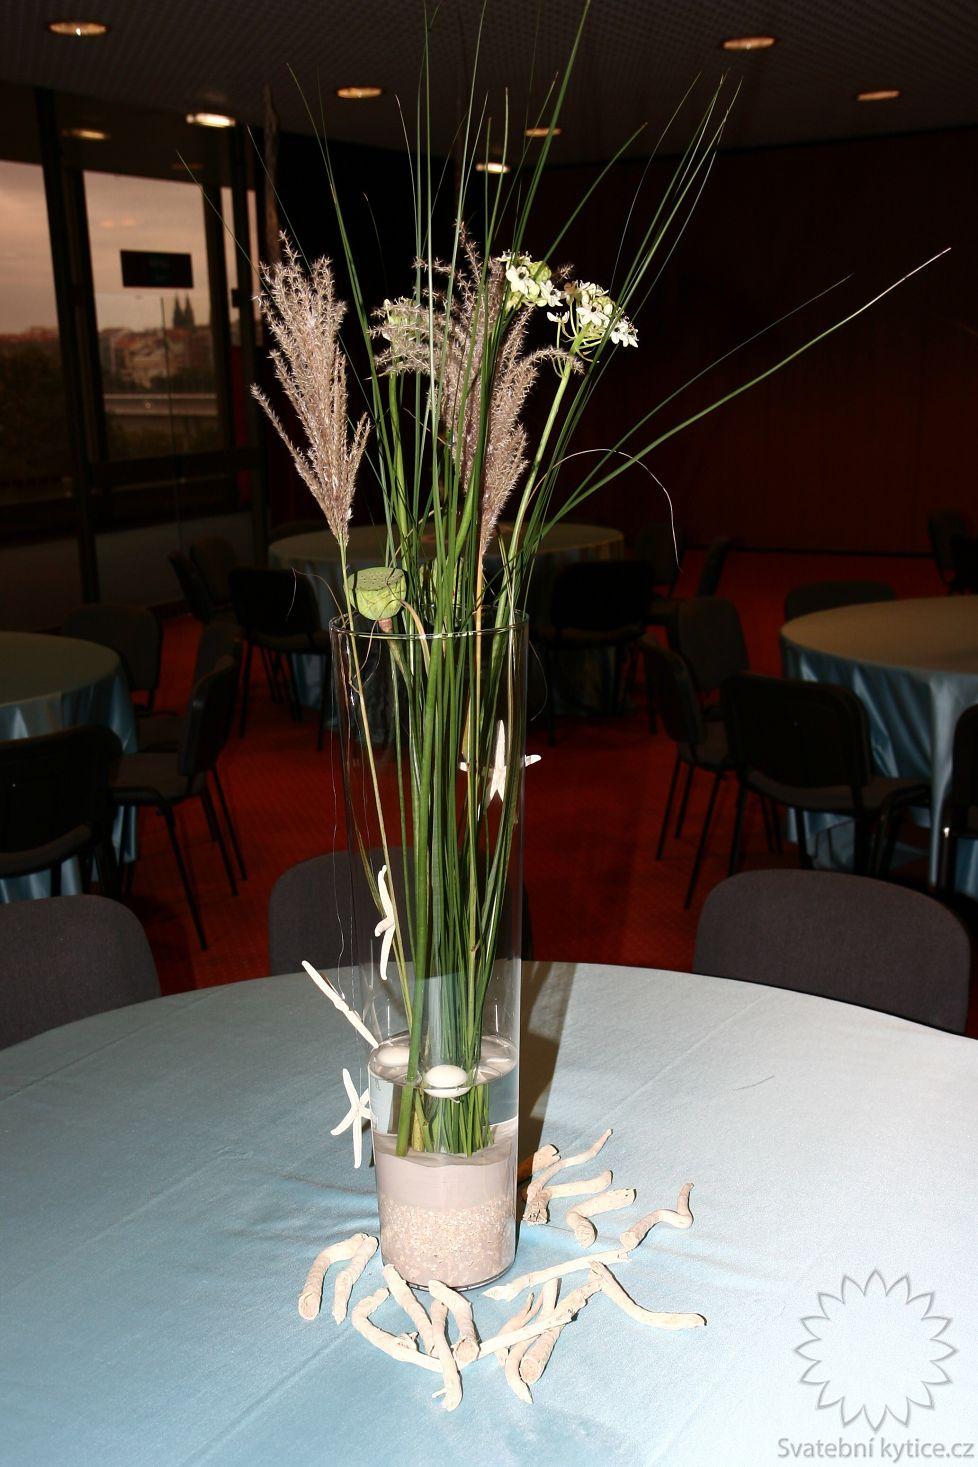 Kvetinove Dekorace Kongresove Centrum Praha Mary Kay 571